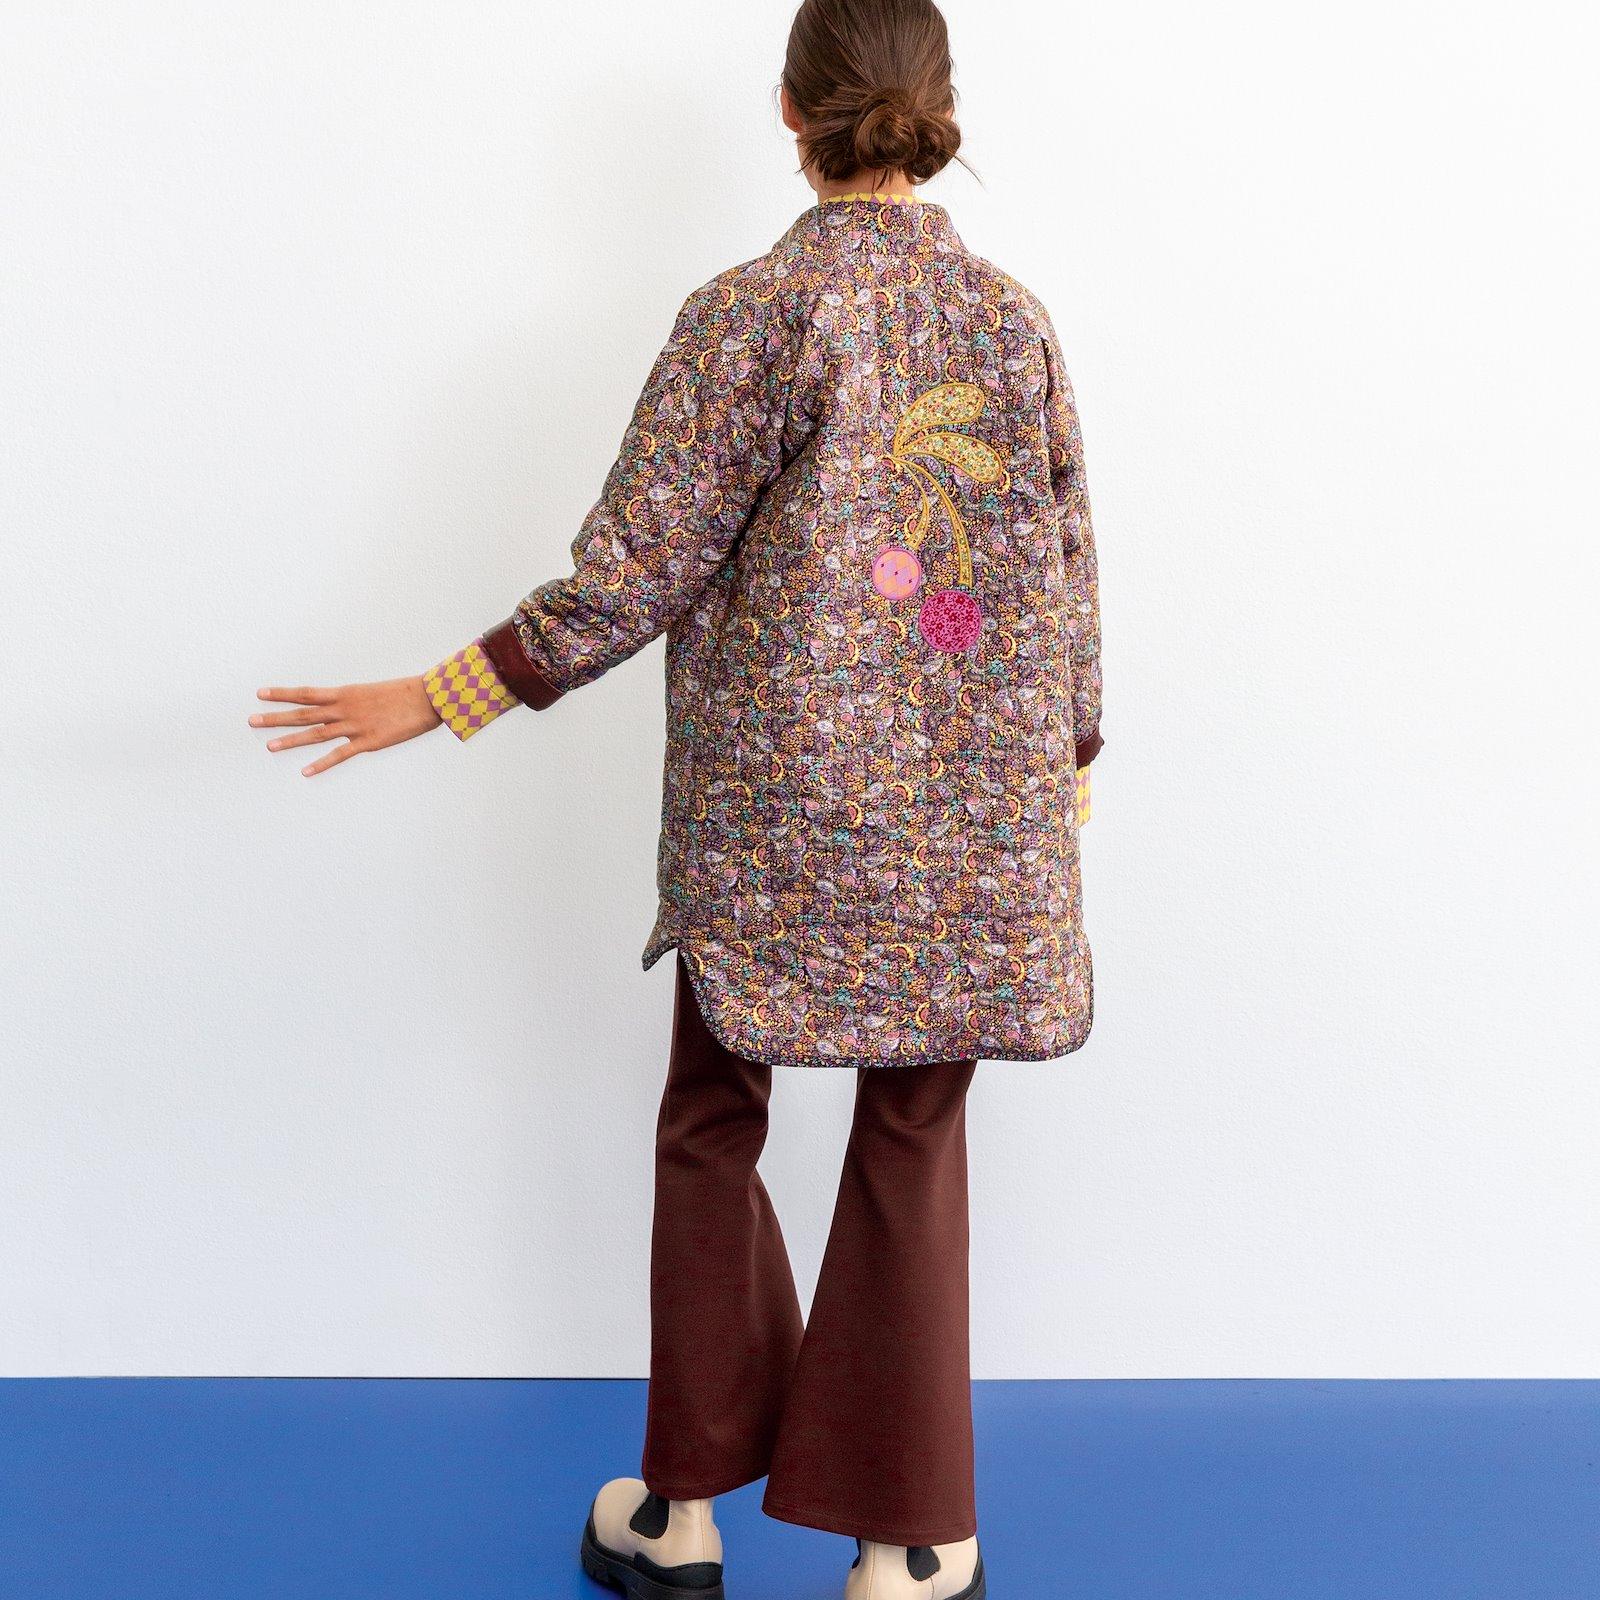 Jacket with raglan sleeves, 122/7y p64019_852409_22344_9901_7014_DIY1018_852414_852413_852410_p60038_420419_bundle